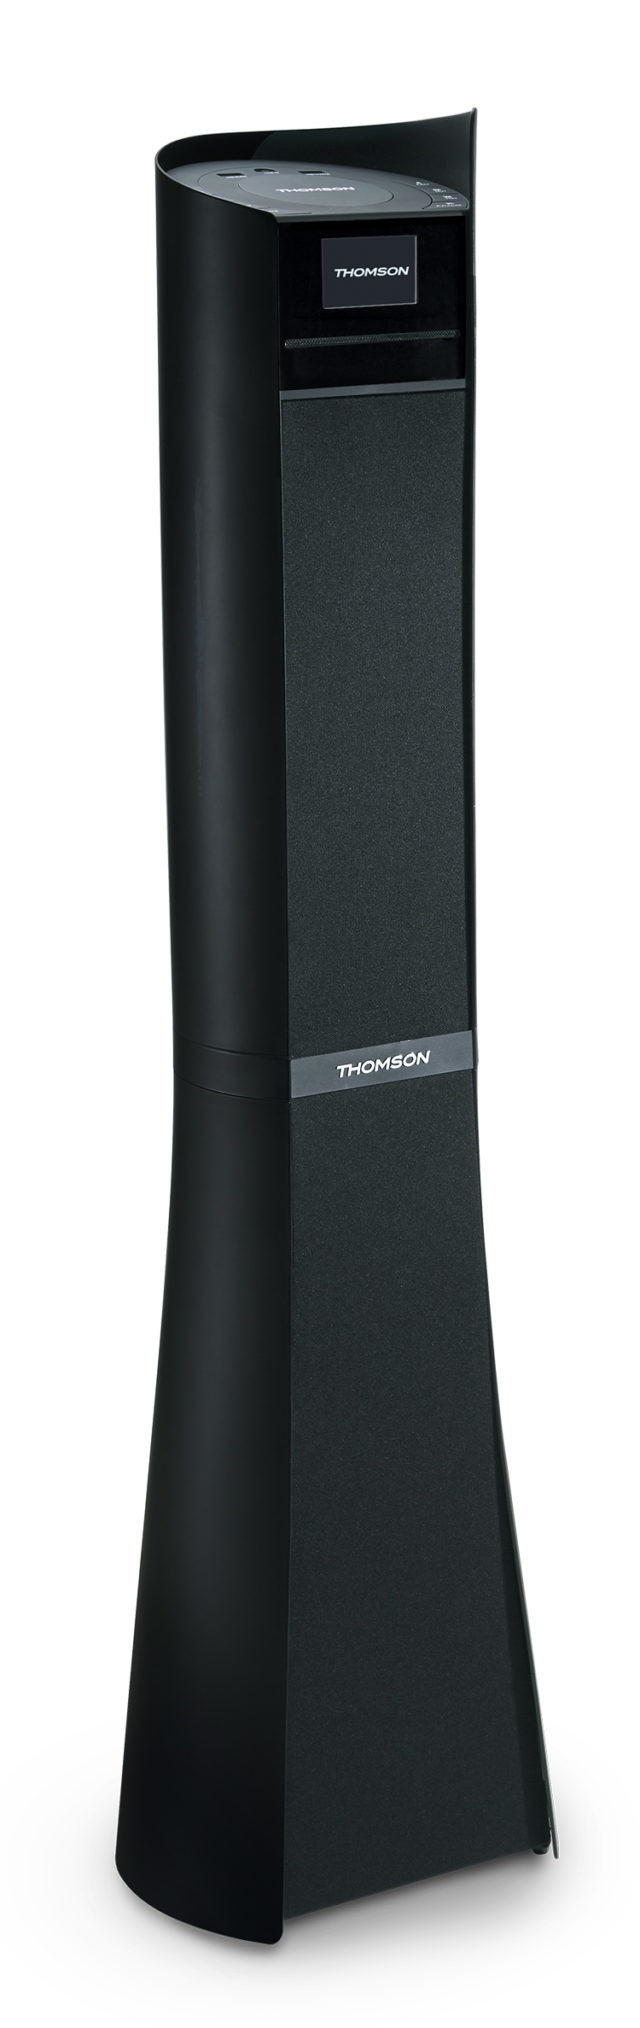 Thomson Sound Tower DS500 – Bild#1